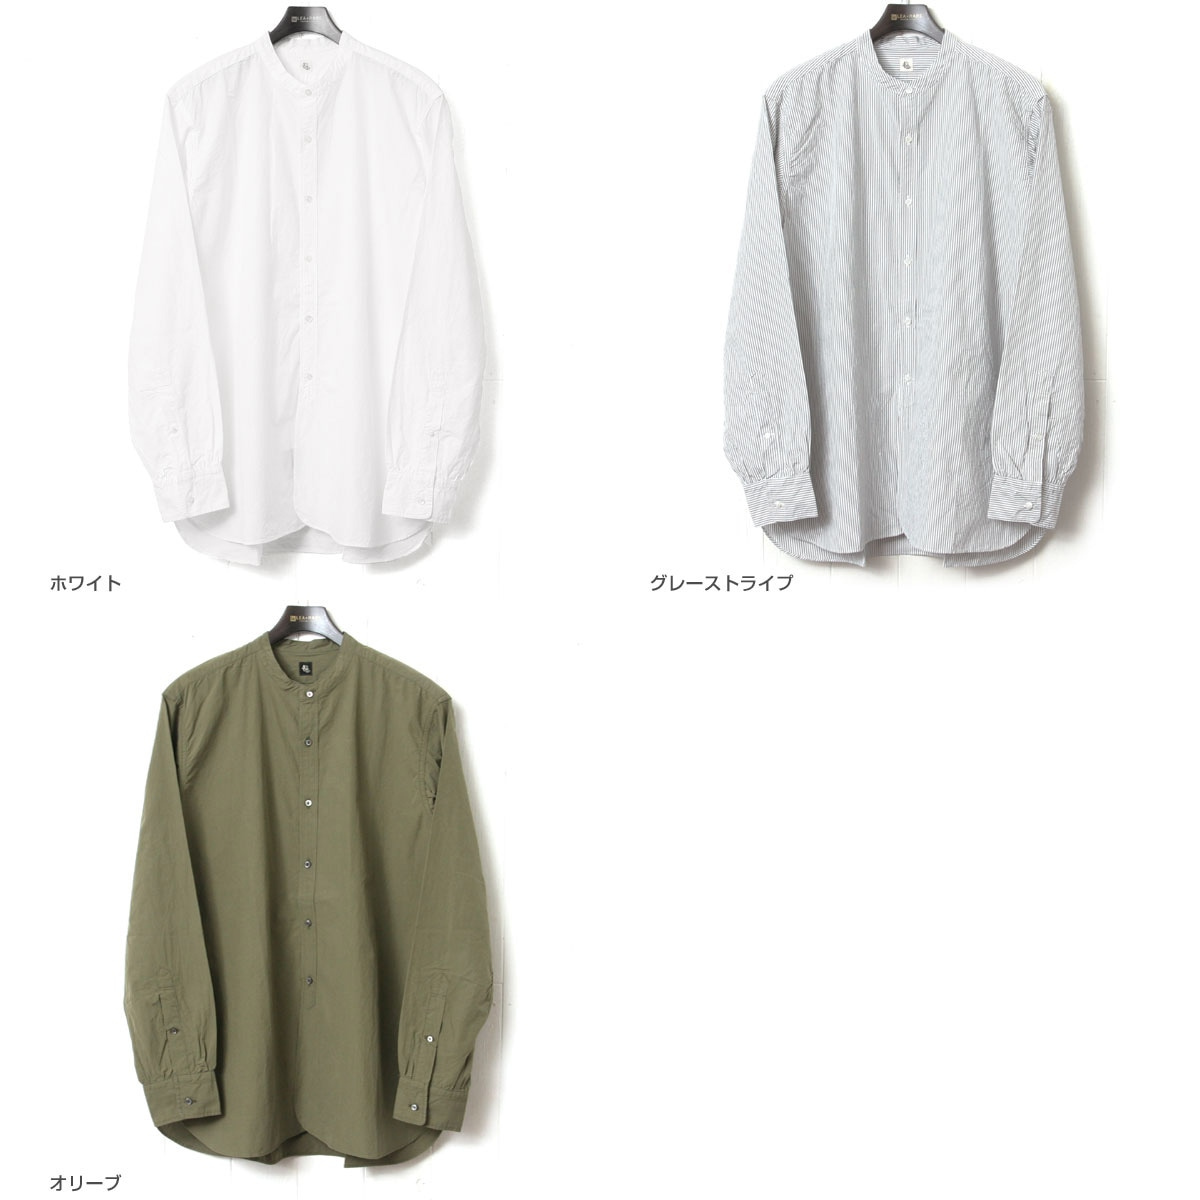 KAPTAIN SUNSHINE キャプテンサンシャイン Band Collar Shirt バンドカラーシャツ KS7FSH02